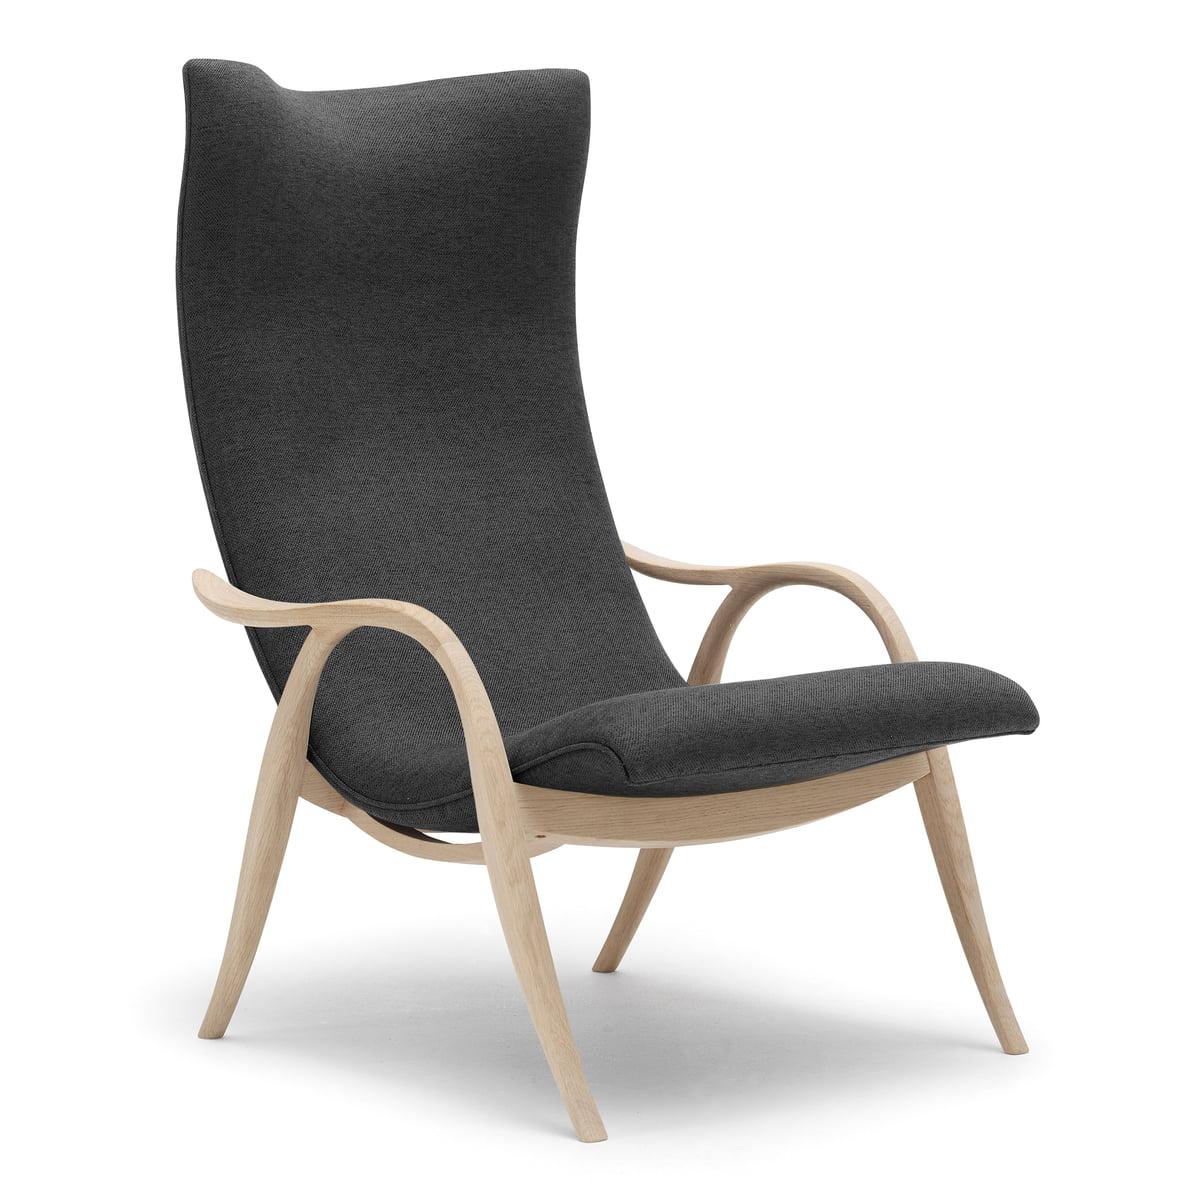 Fantastisch FH429 Signature Chair Von Carl Hansen Aus Eiche Geölt In Byron Col. 04101  Gabriel